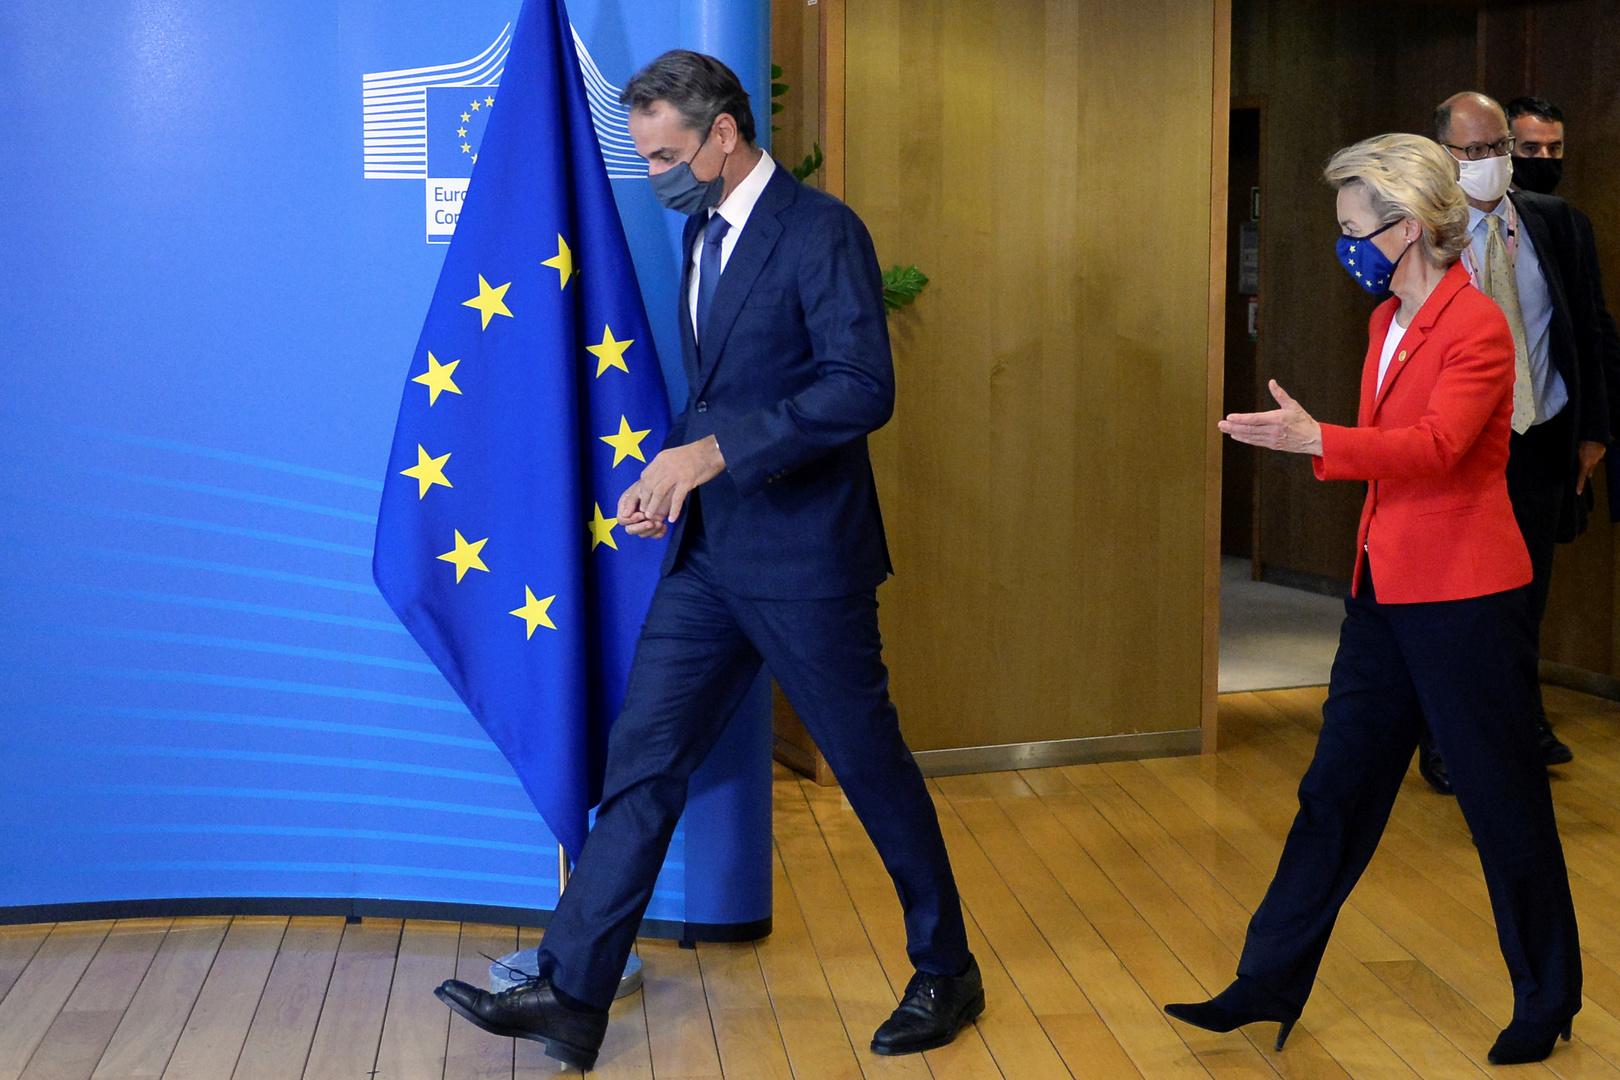 Merkel zeigt sich zufrieden: Zypern gibt Weg frei für Sanktionen gegen Weißrussland